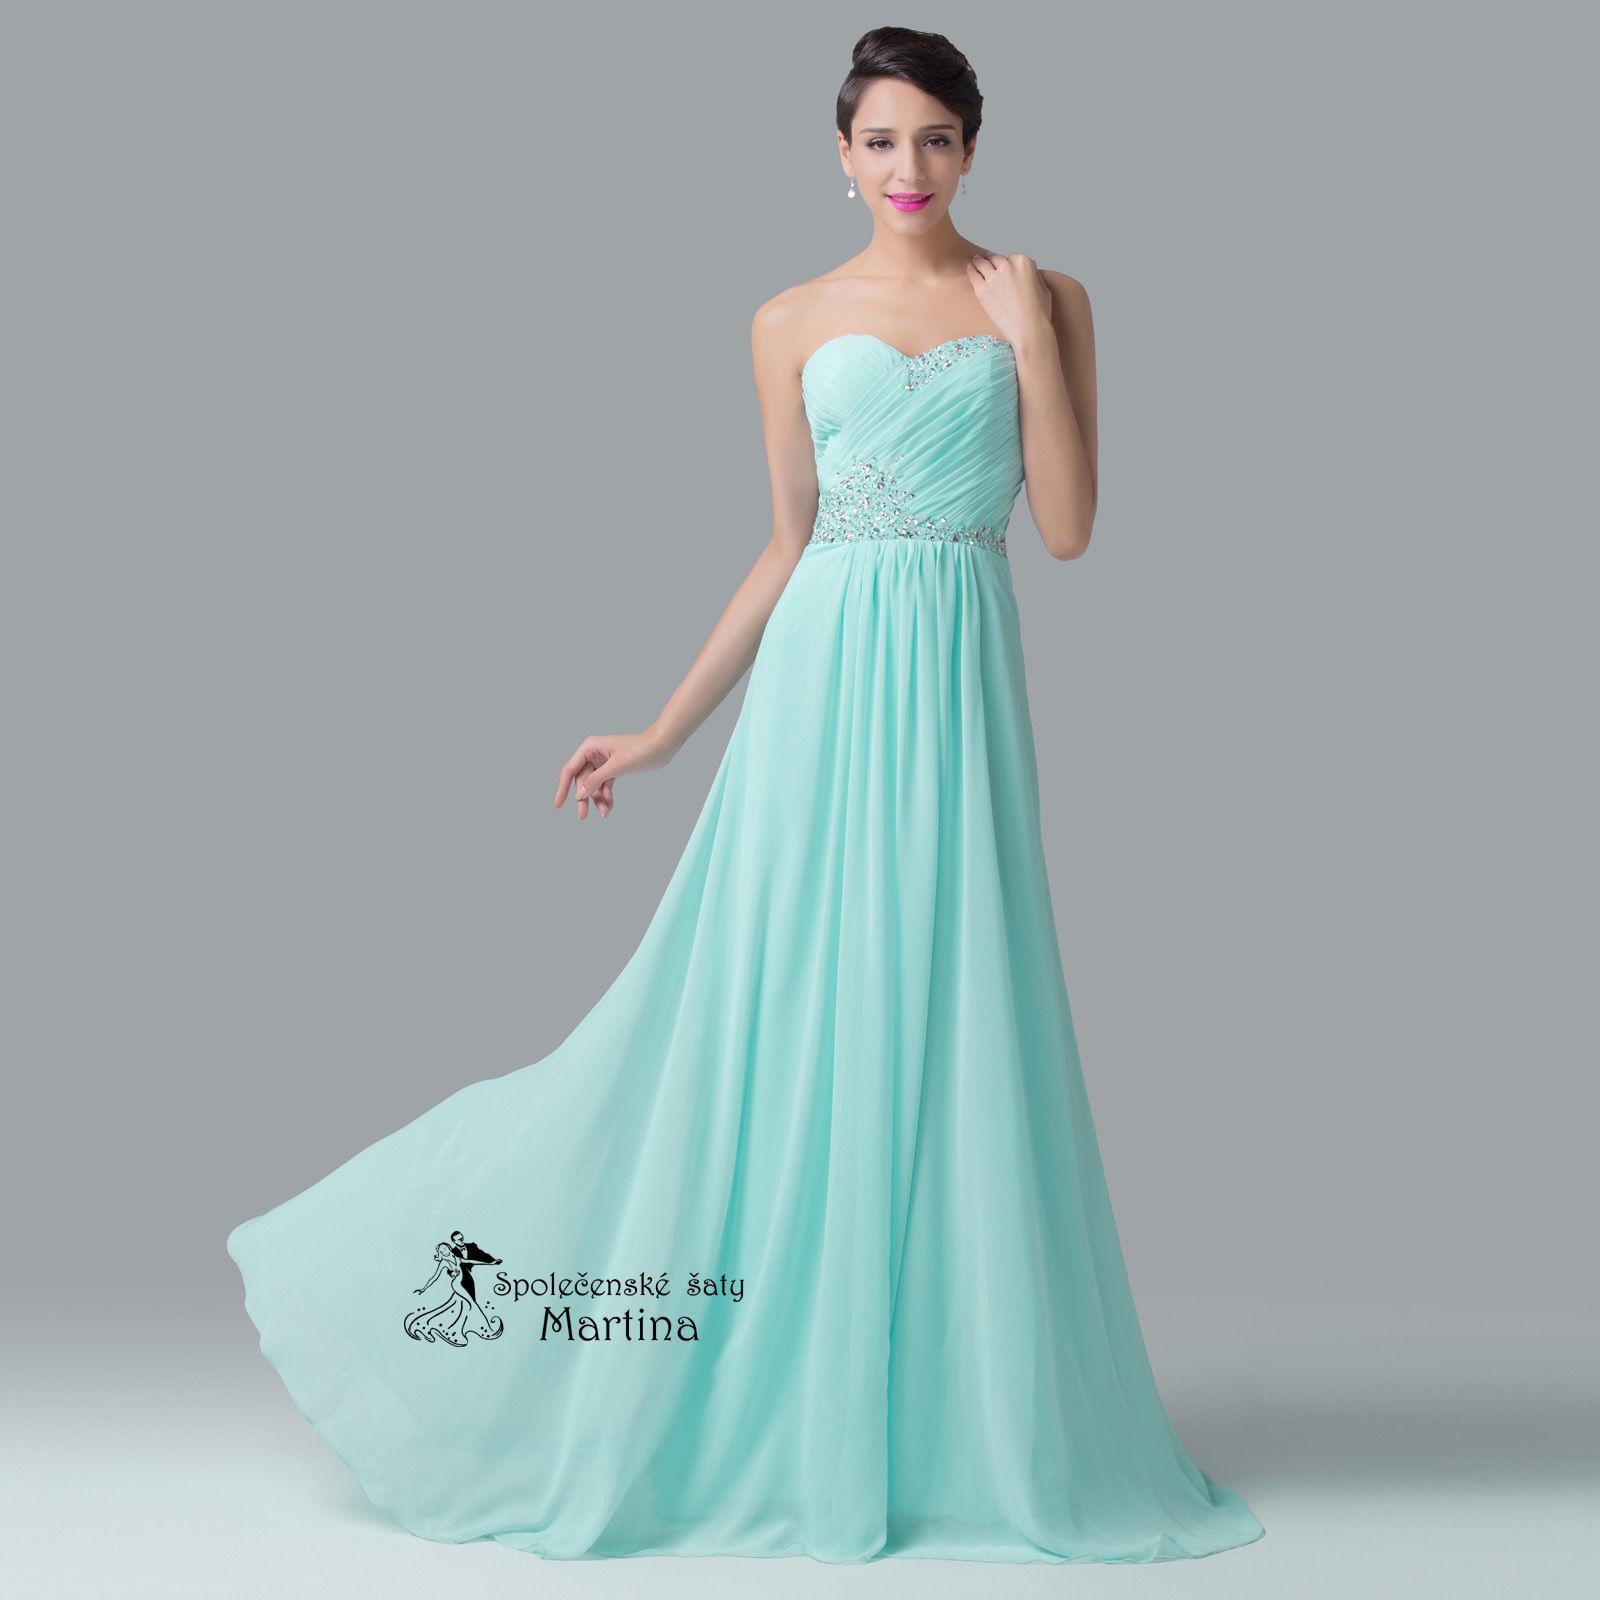 fcbf47021e82 Společenské-maturitní-plesové šaty-do tanečních